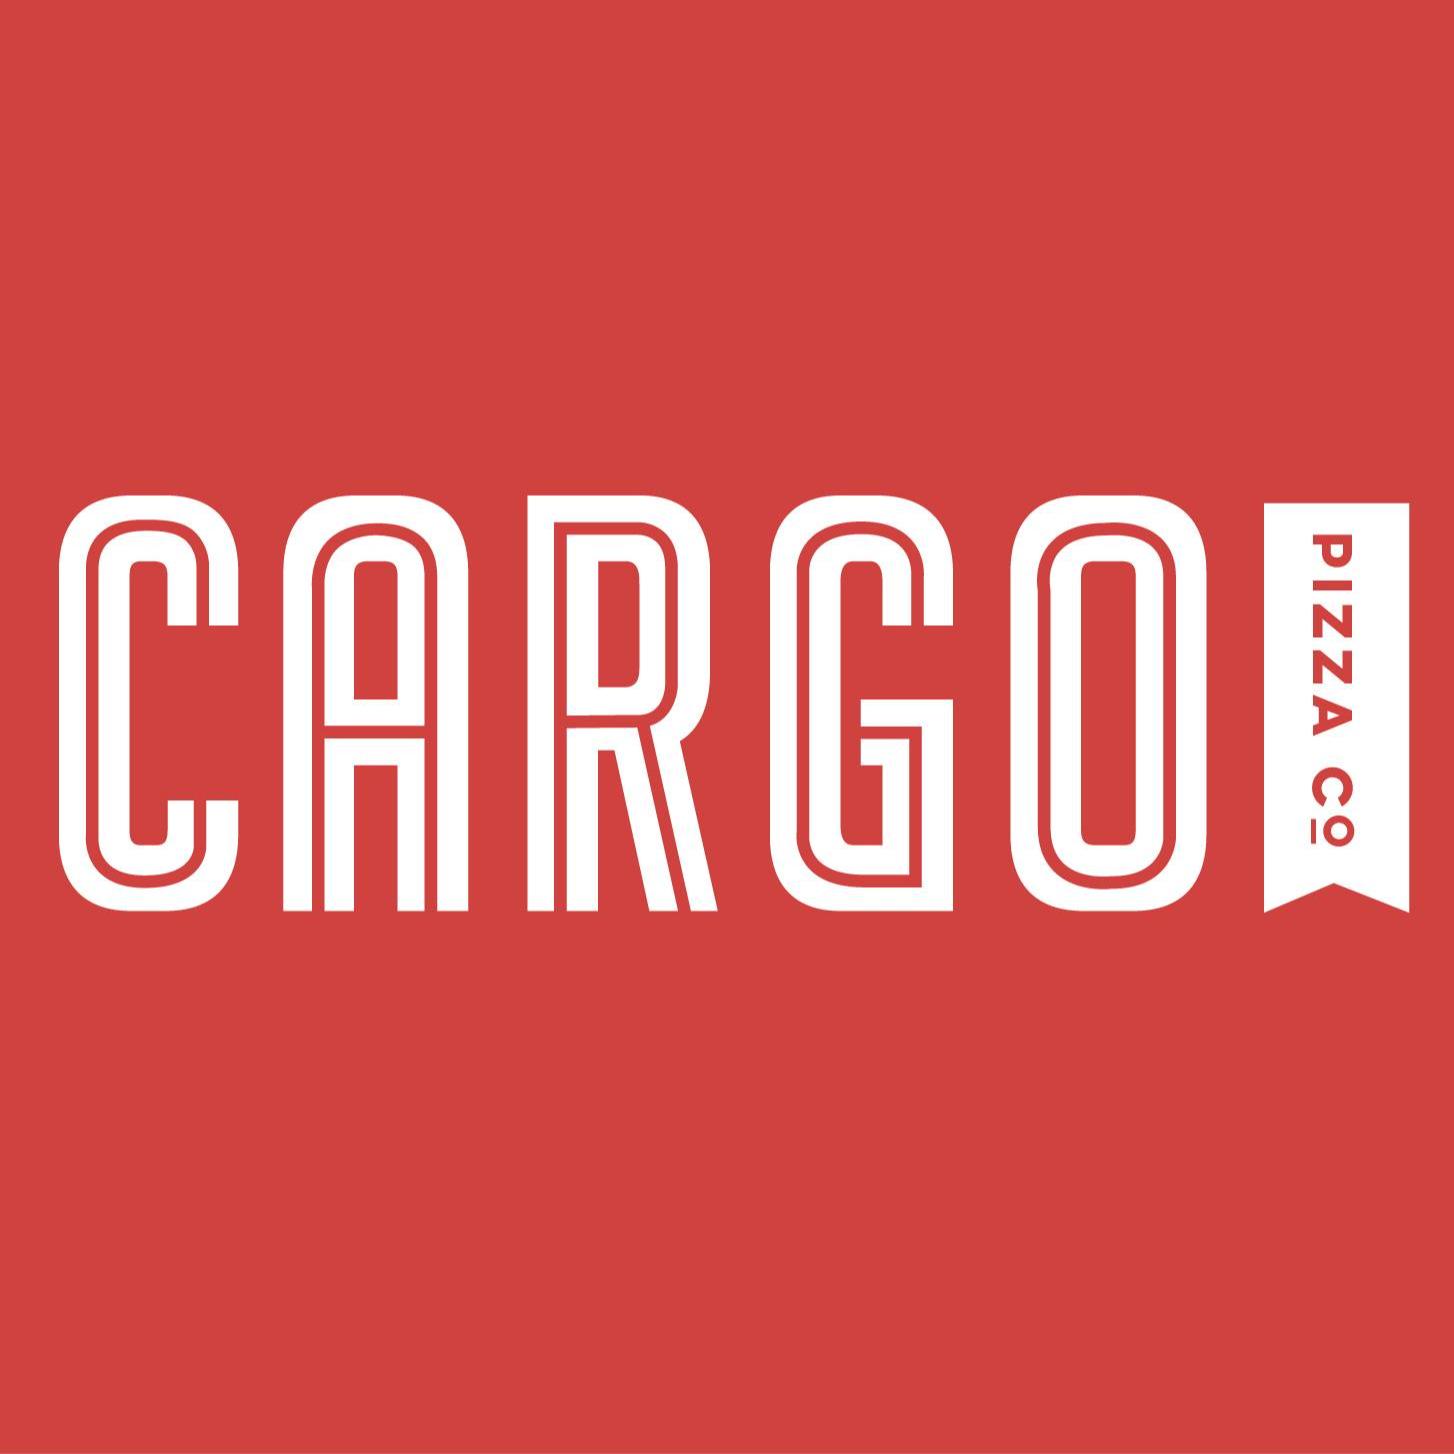 Cargo Pizza Company logo